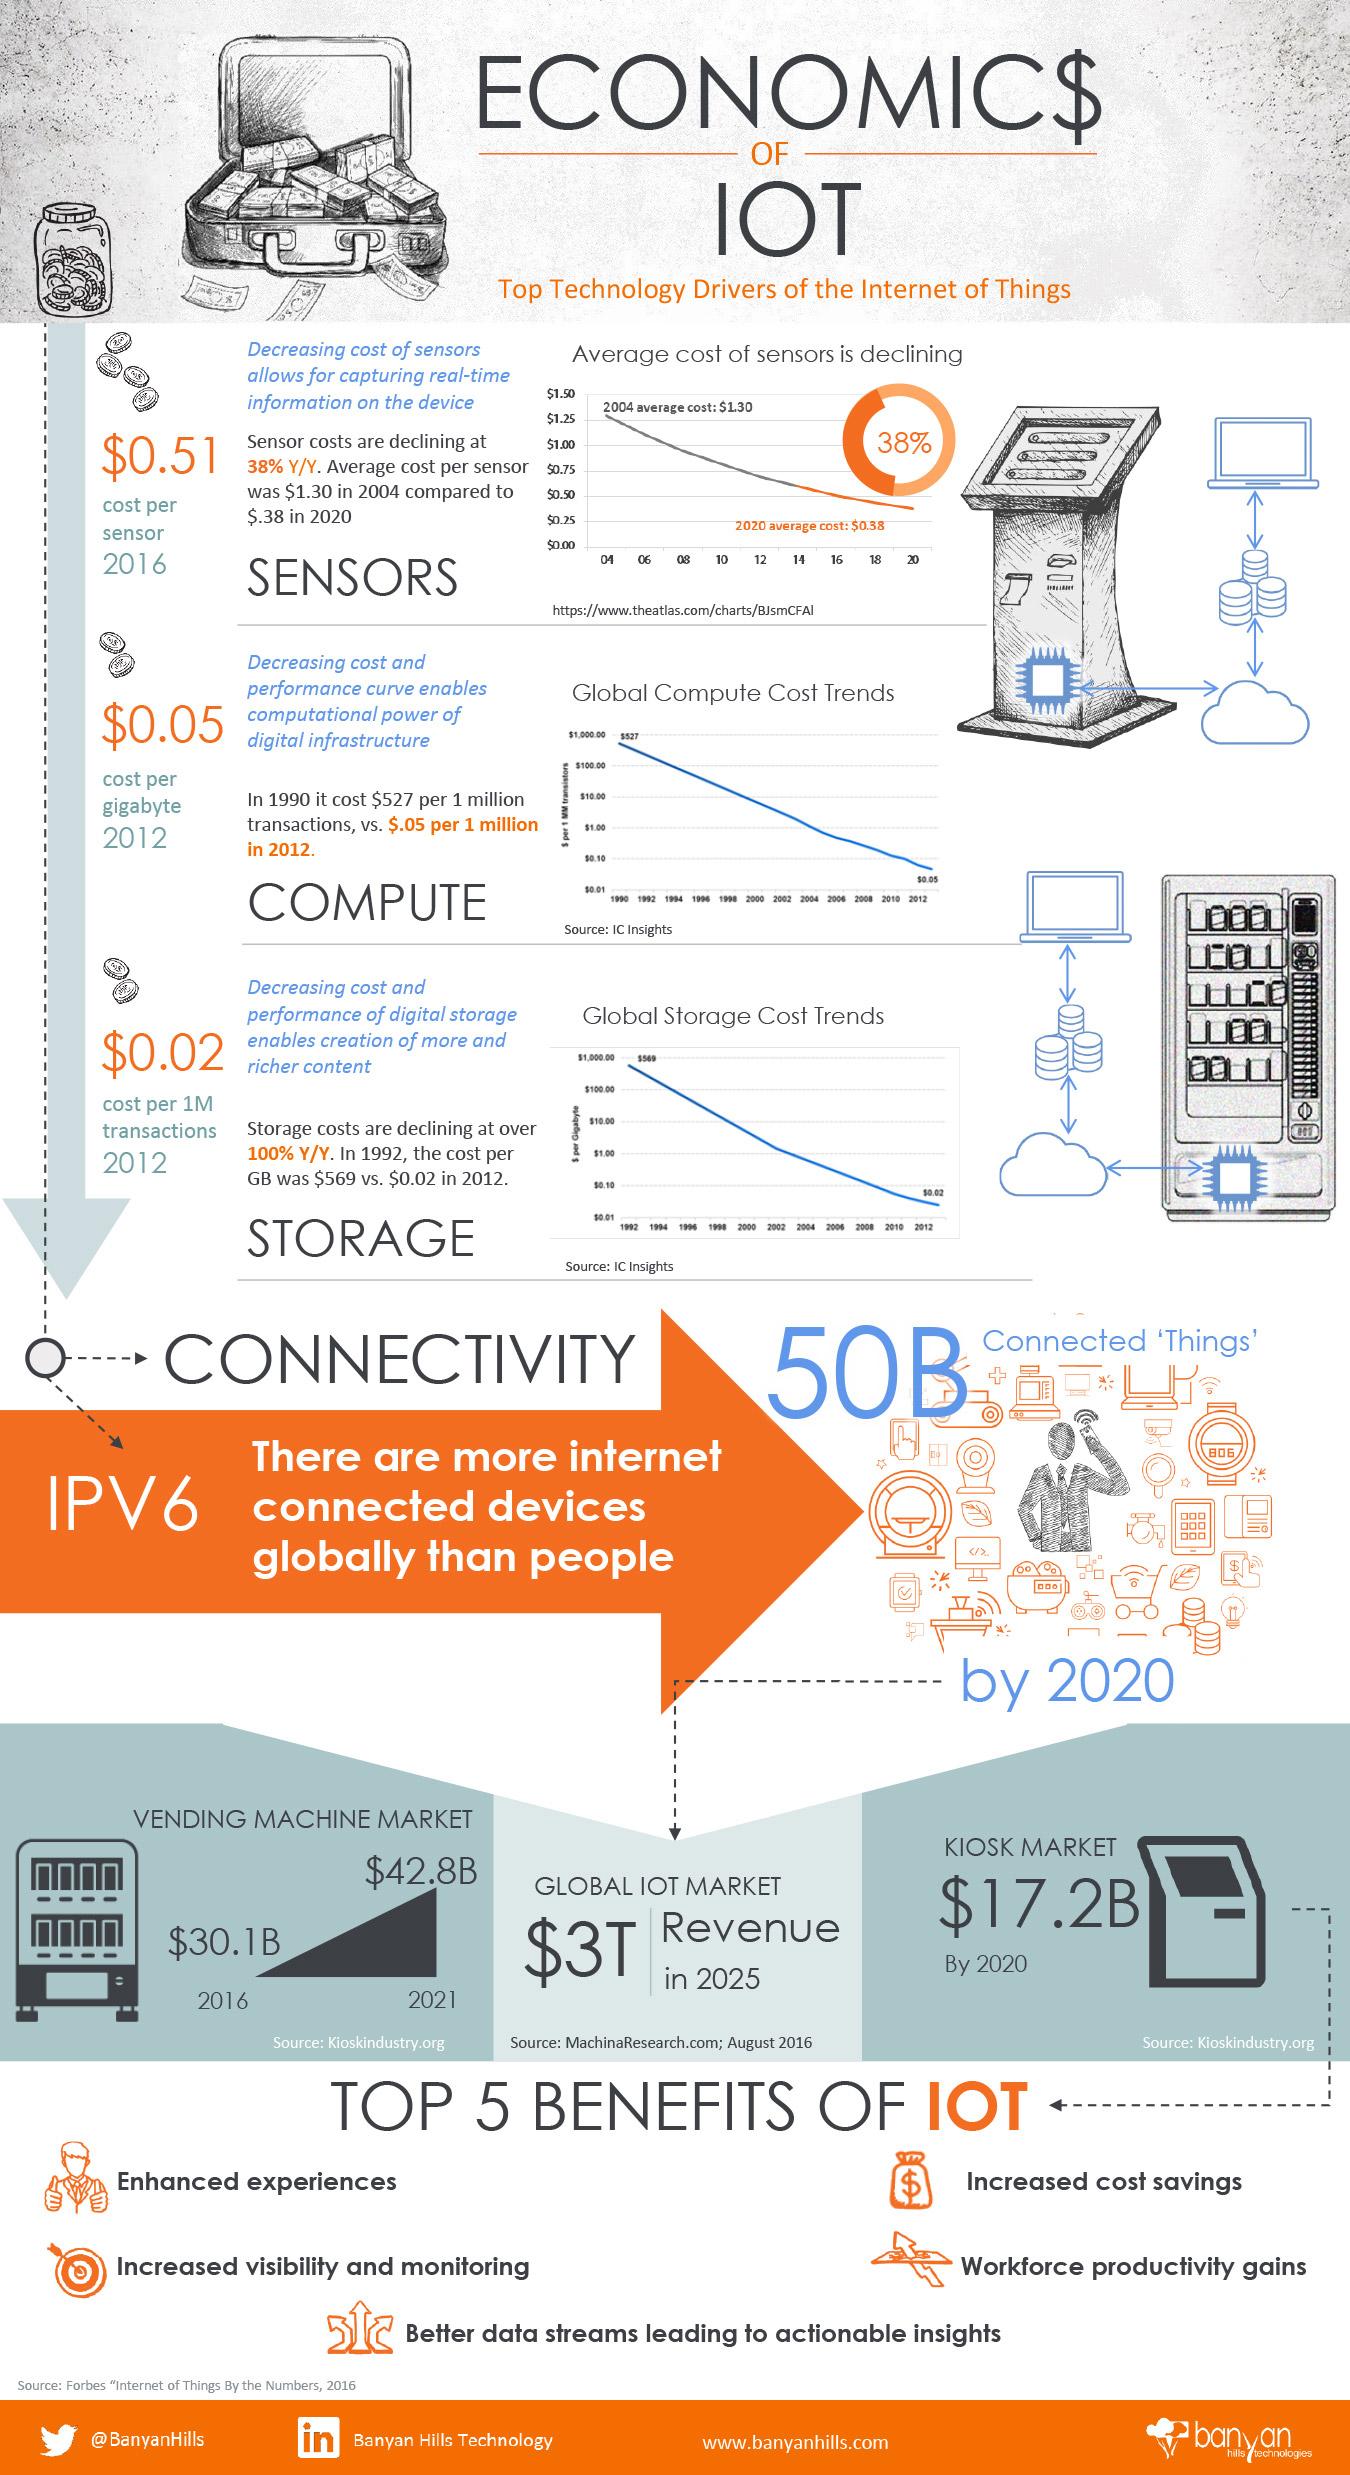 Economics of IoT Infographic